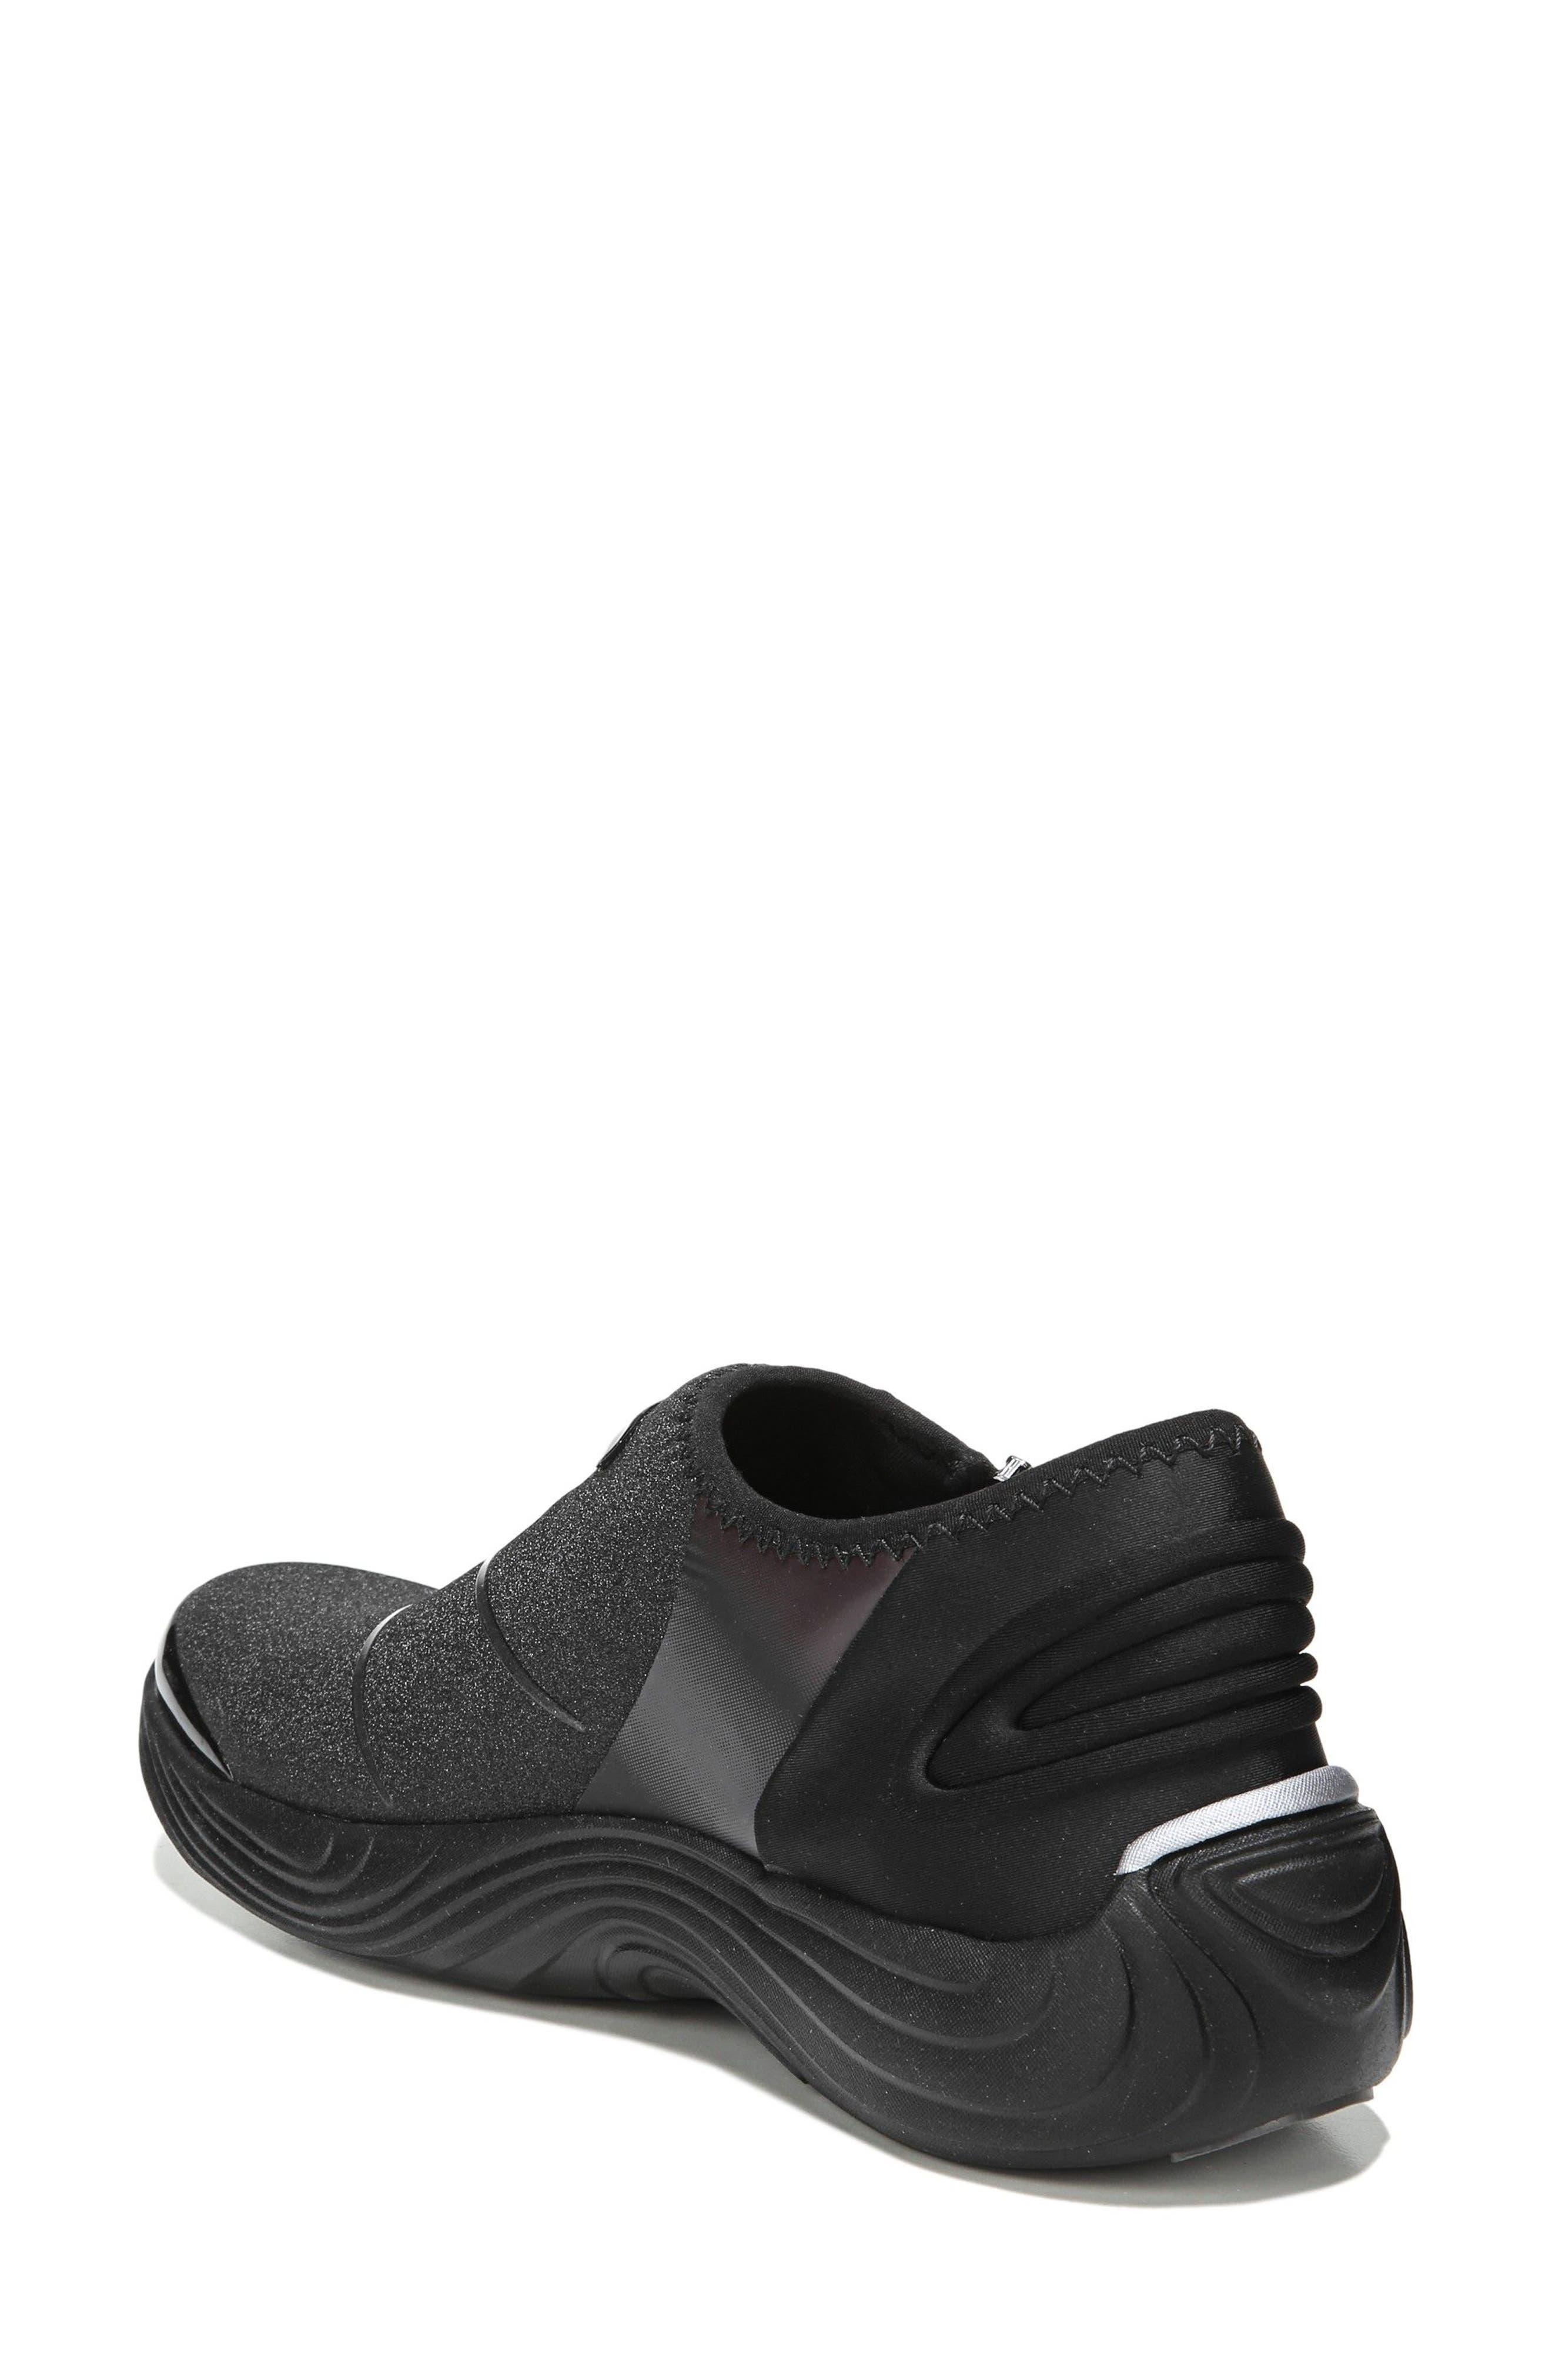 Alternate Image 2  - BZees Trilogy Slip-On Sneaker (Women)